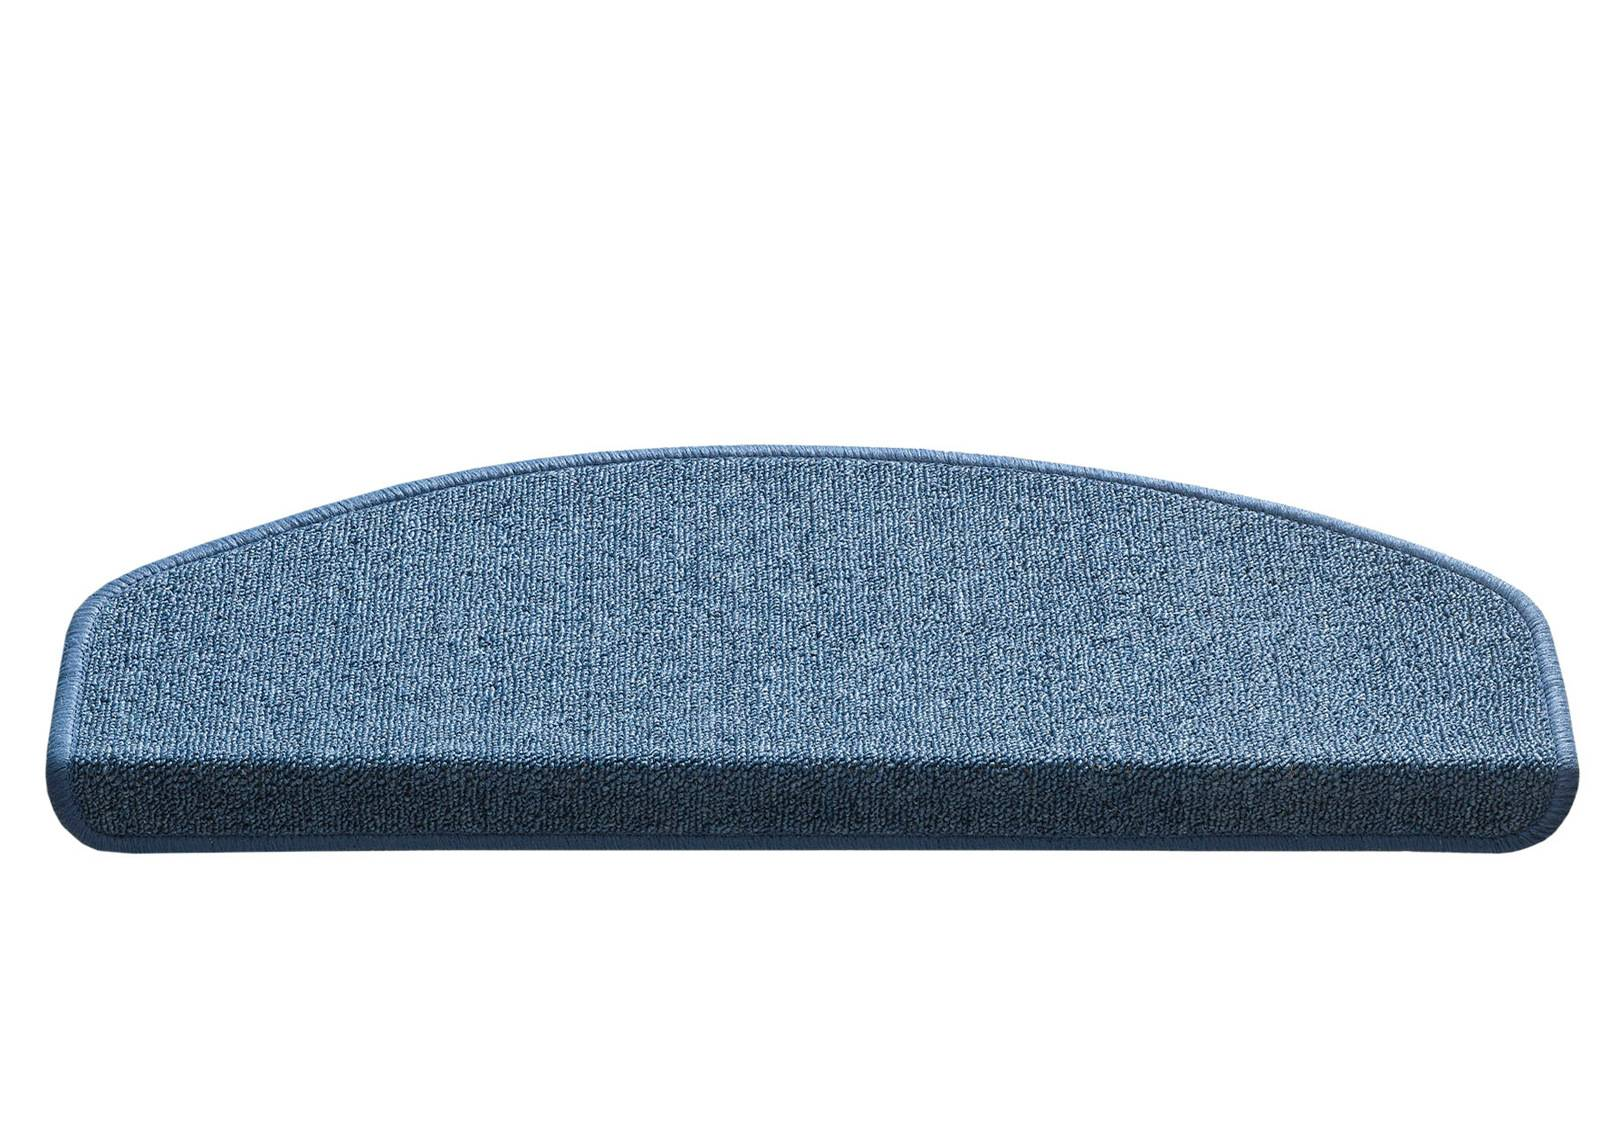 Hamat Rappusen suoja PARIS 17x56 cm